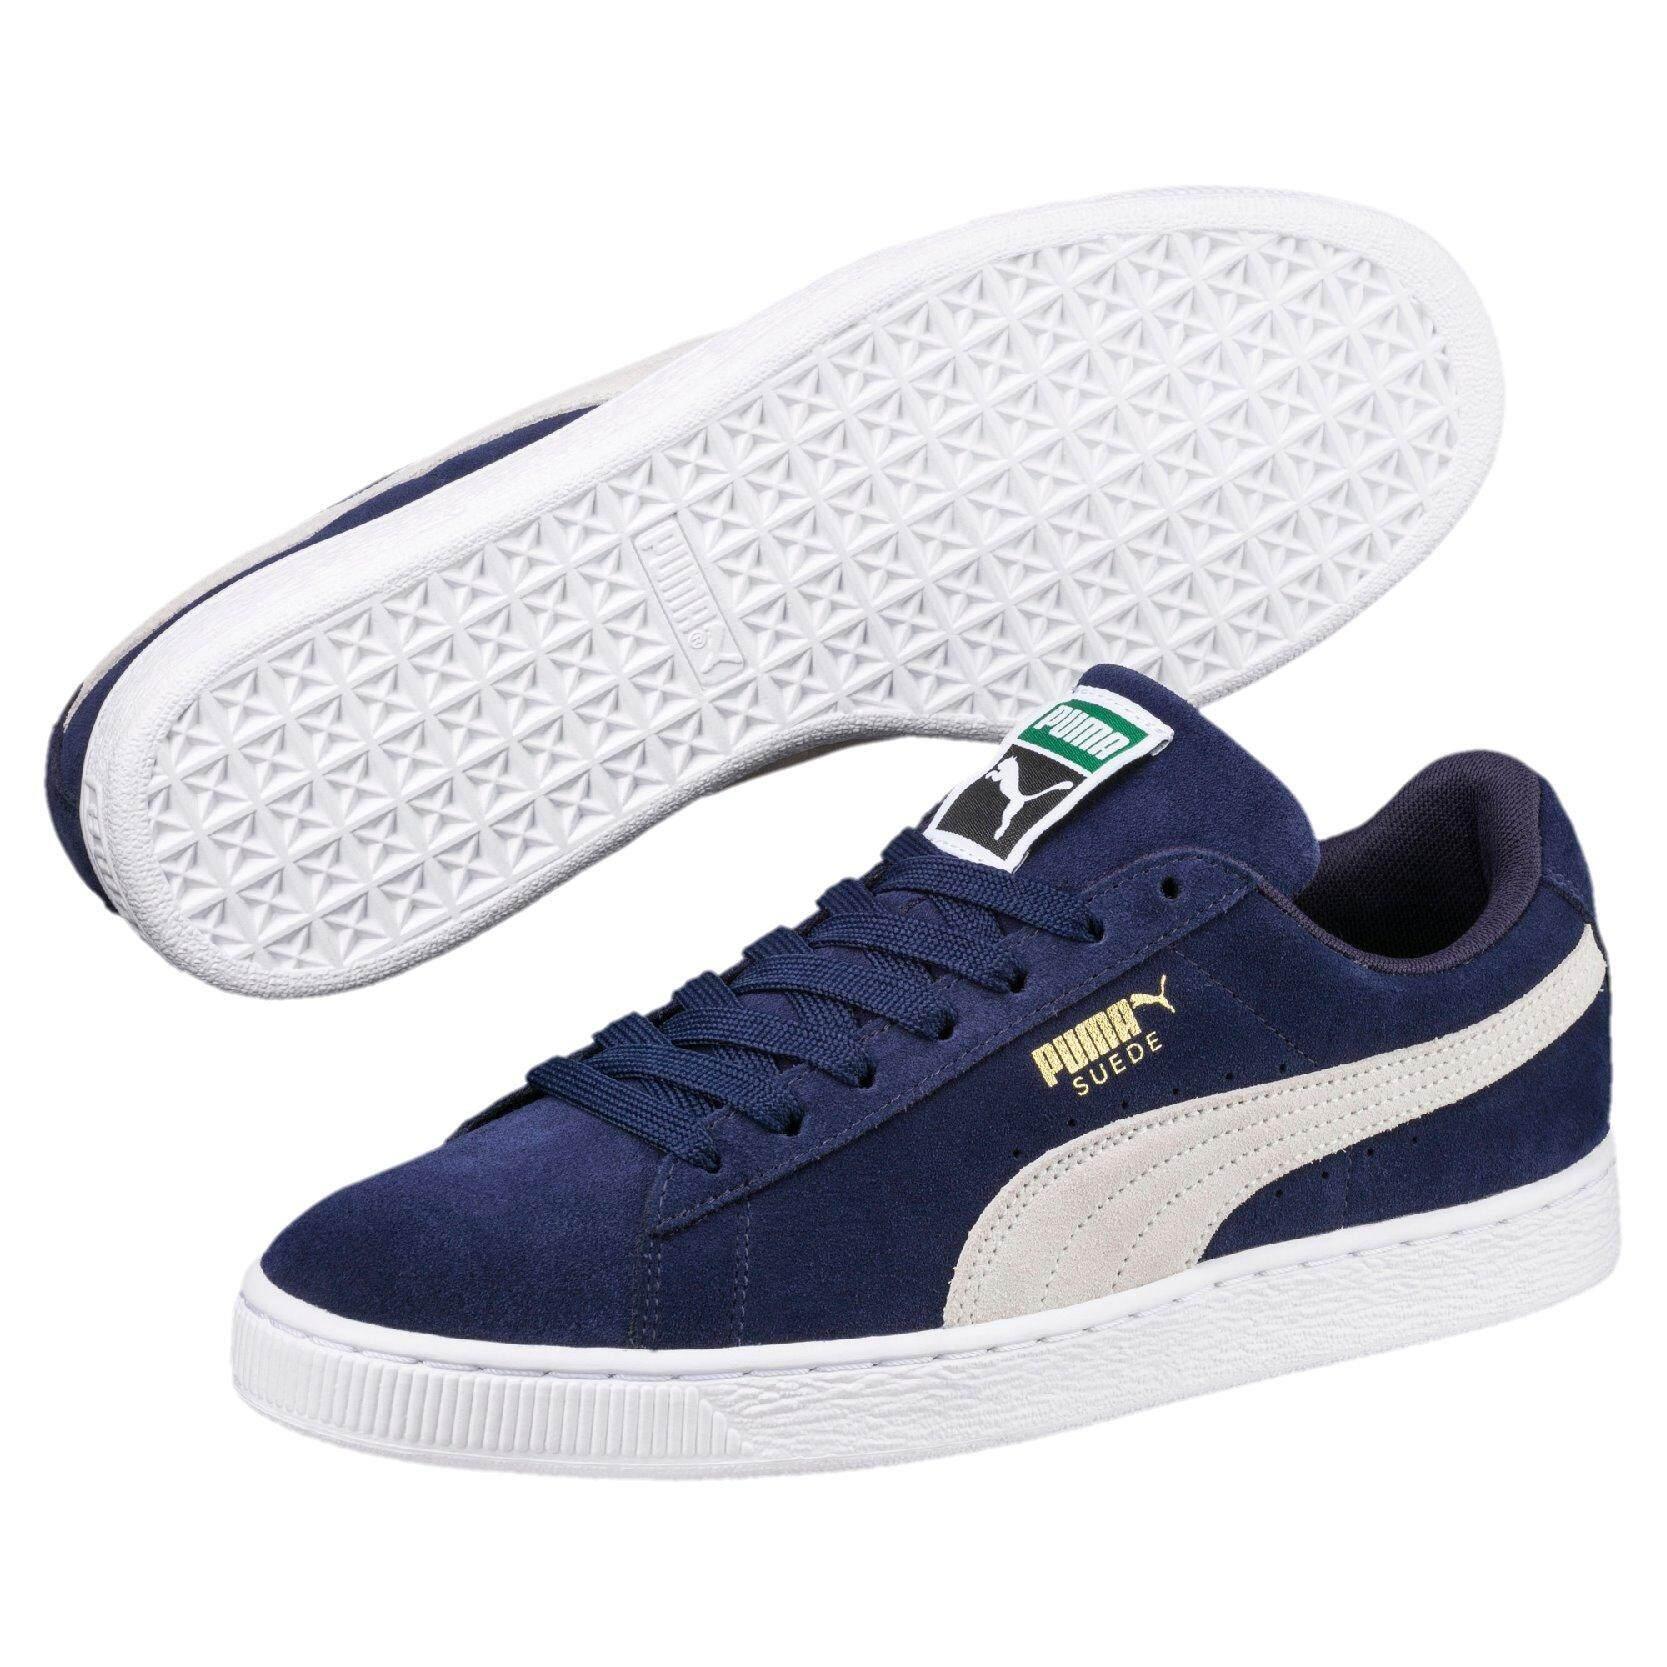 Puma Men s Sports Shoes price in Malaysia - Best Puma Men s Sports ... b1e060c24